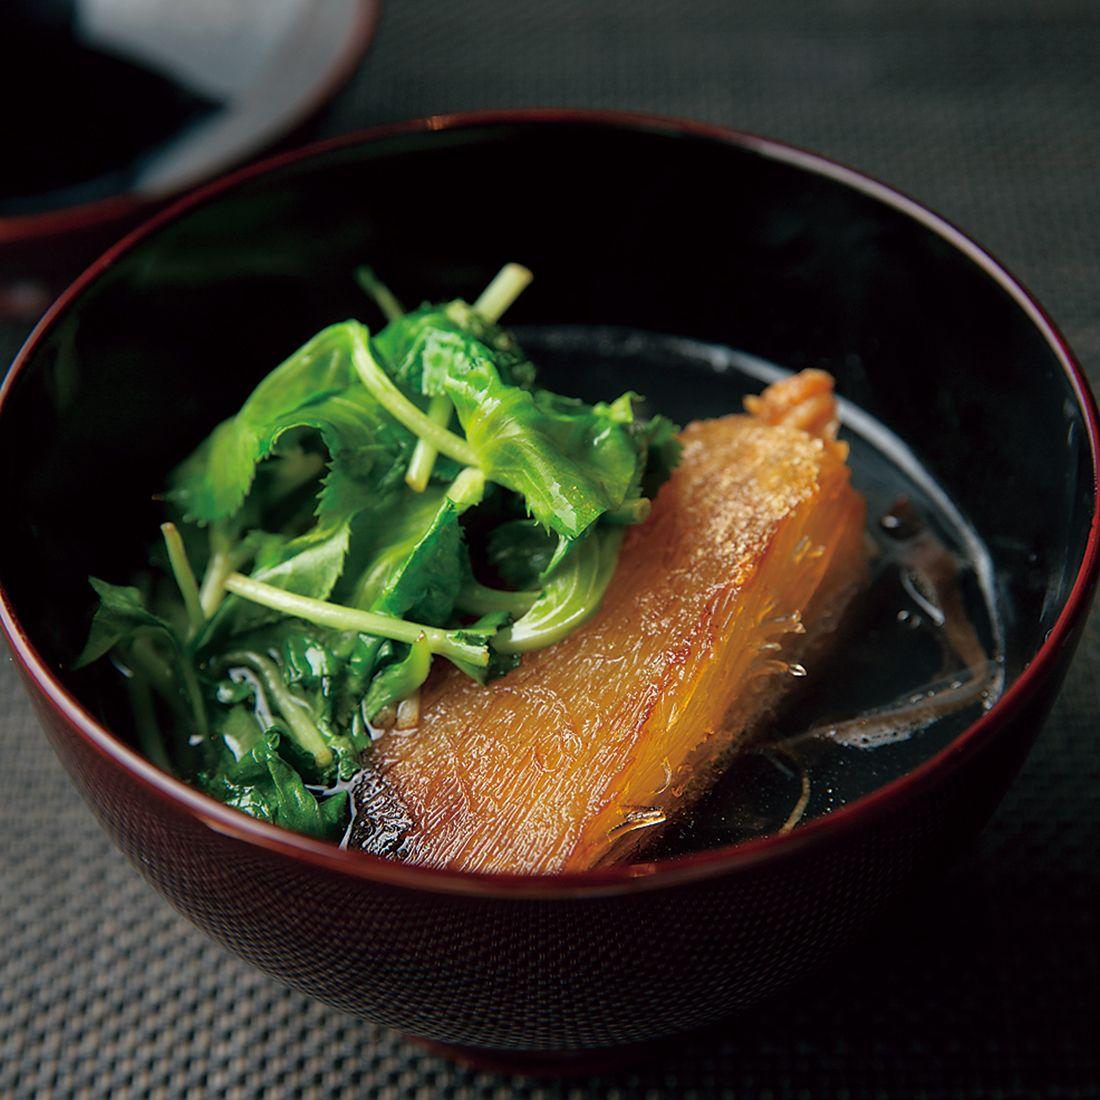 肉厚の焼きフカヒレと刻みキクラゲのお椀。